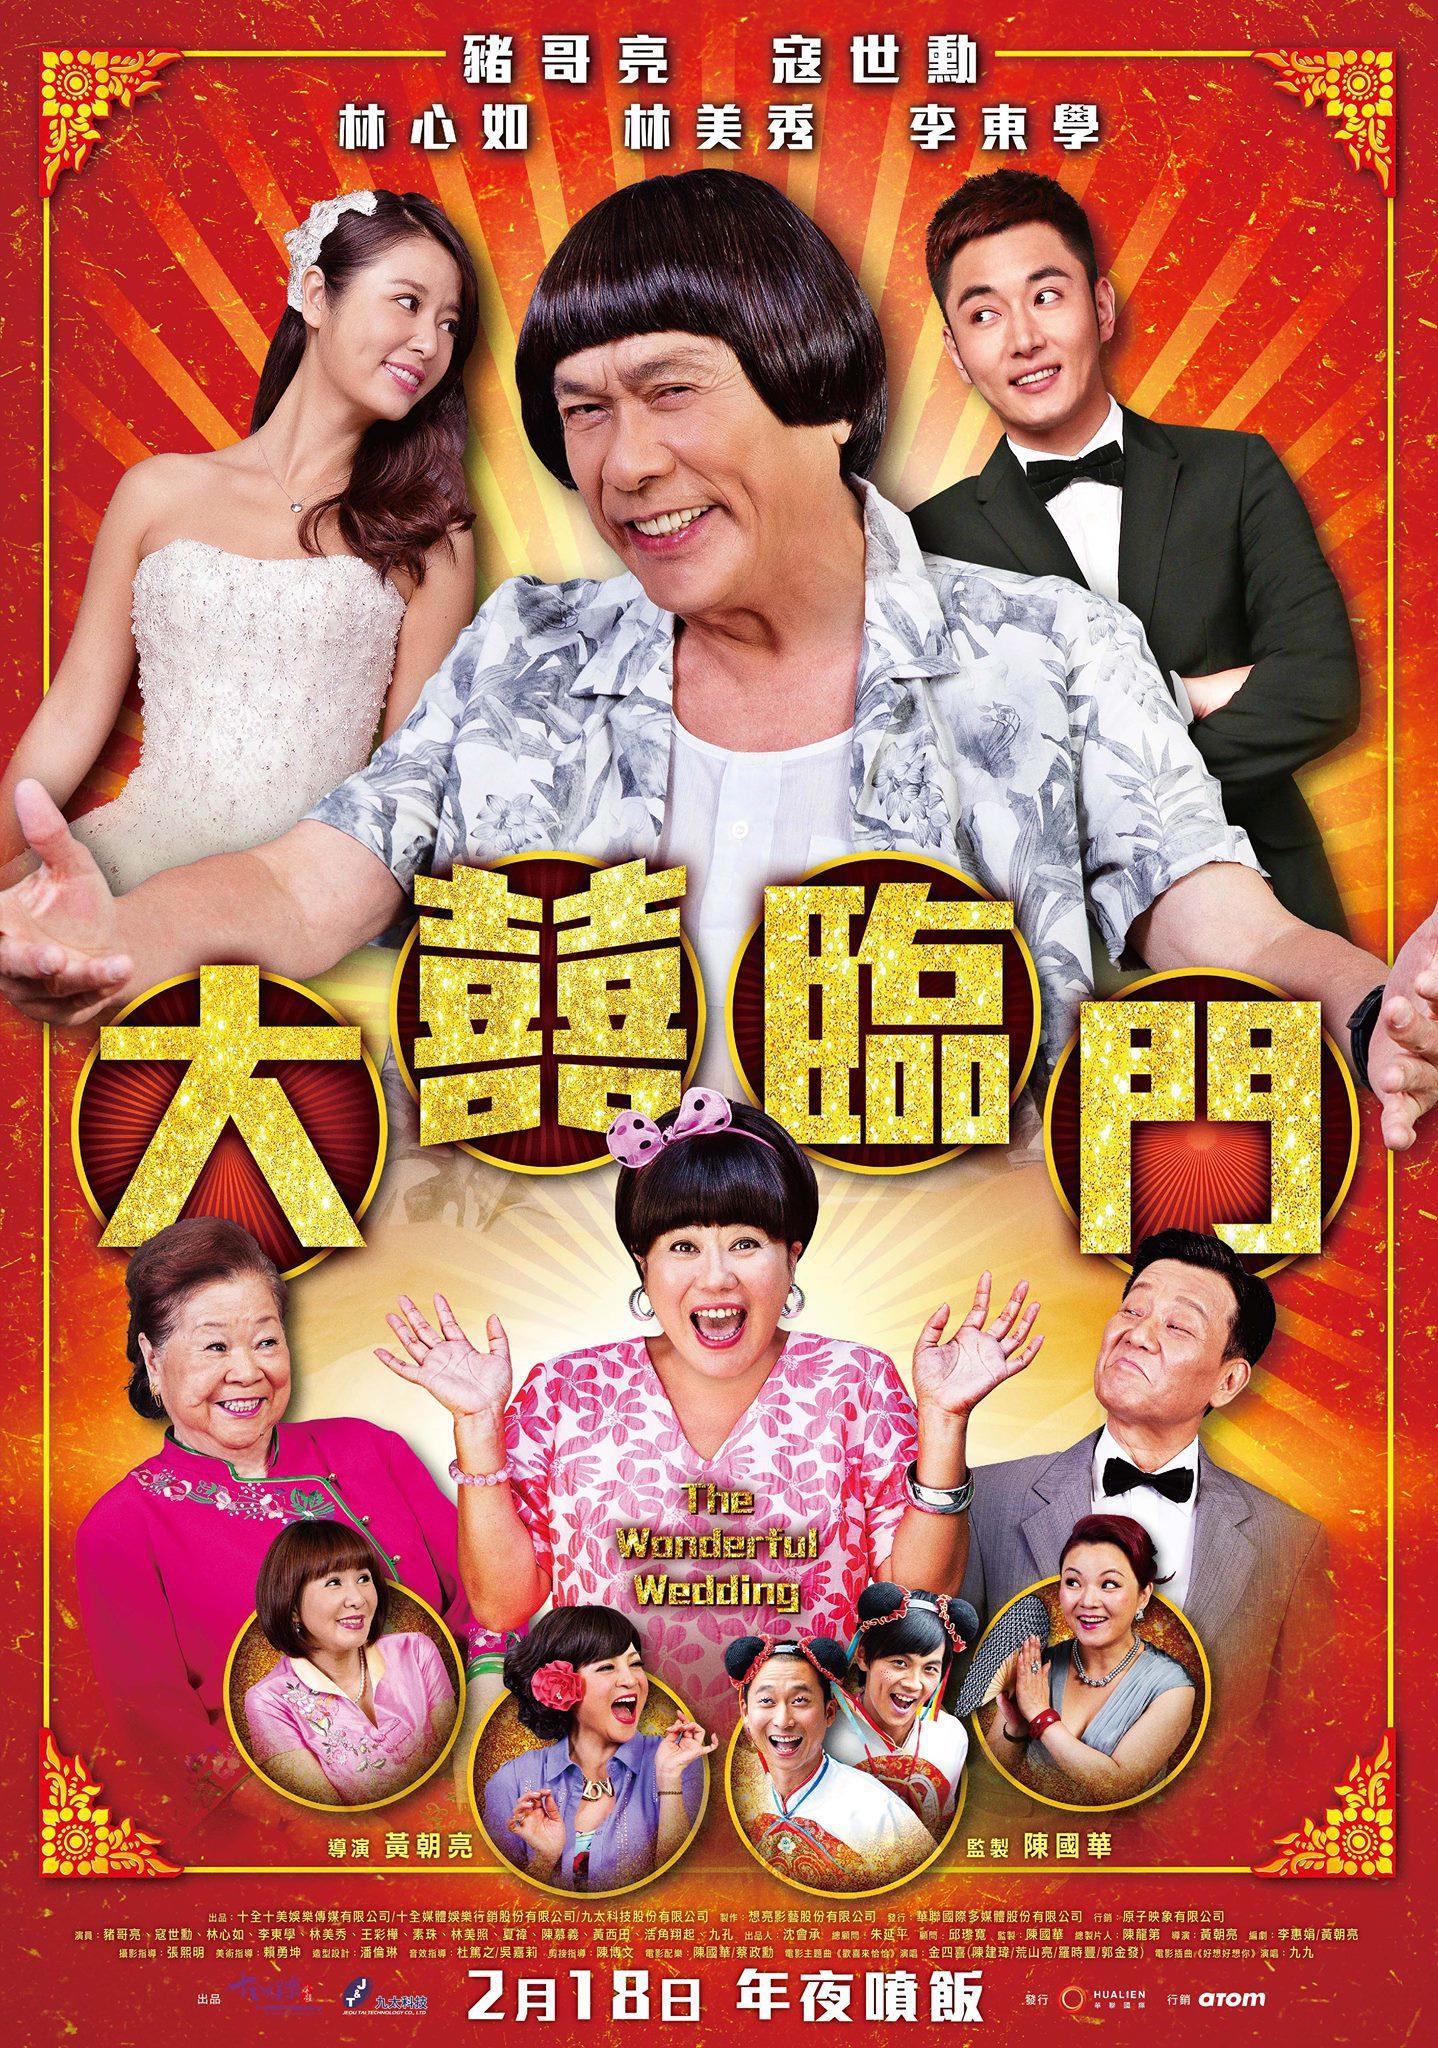 Da xi lin men (2015)